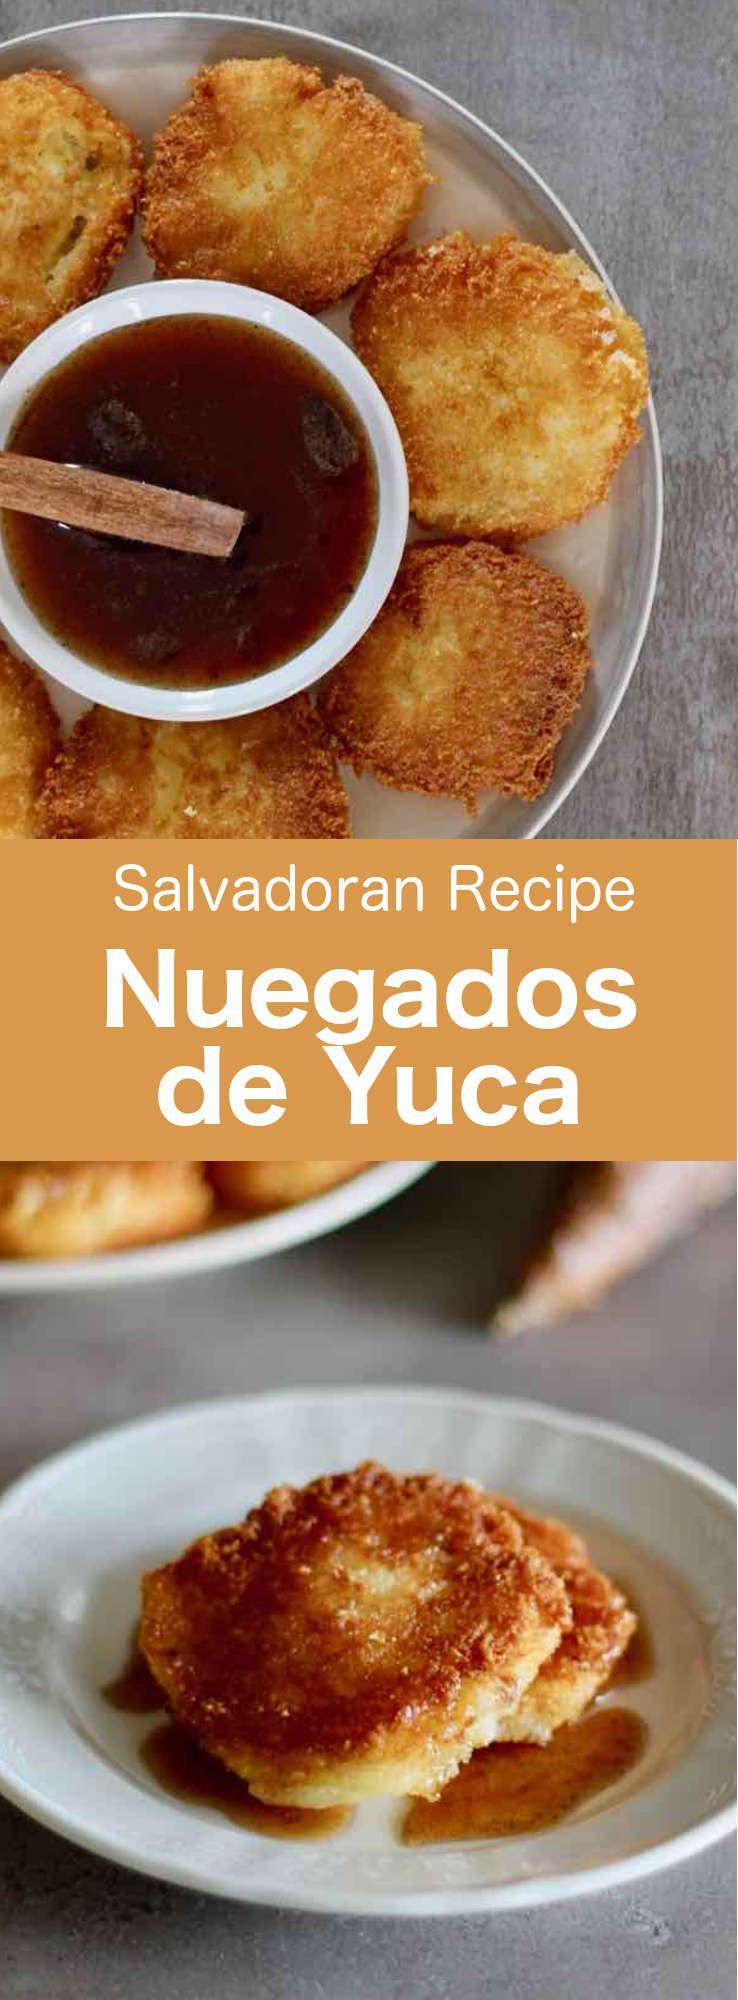 Salvador: Nuegados de Yuca